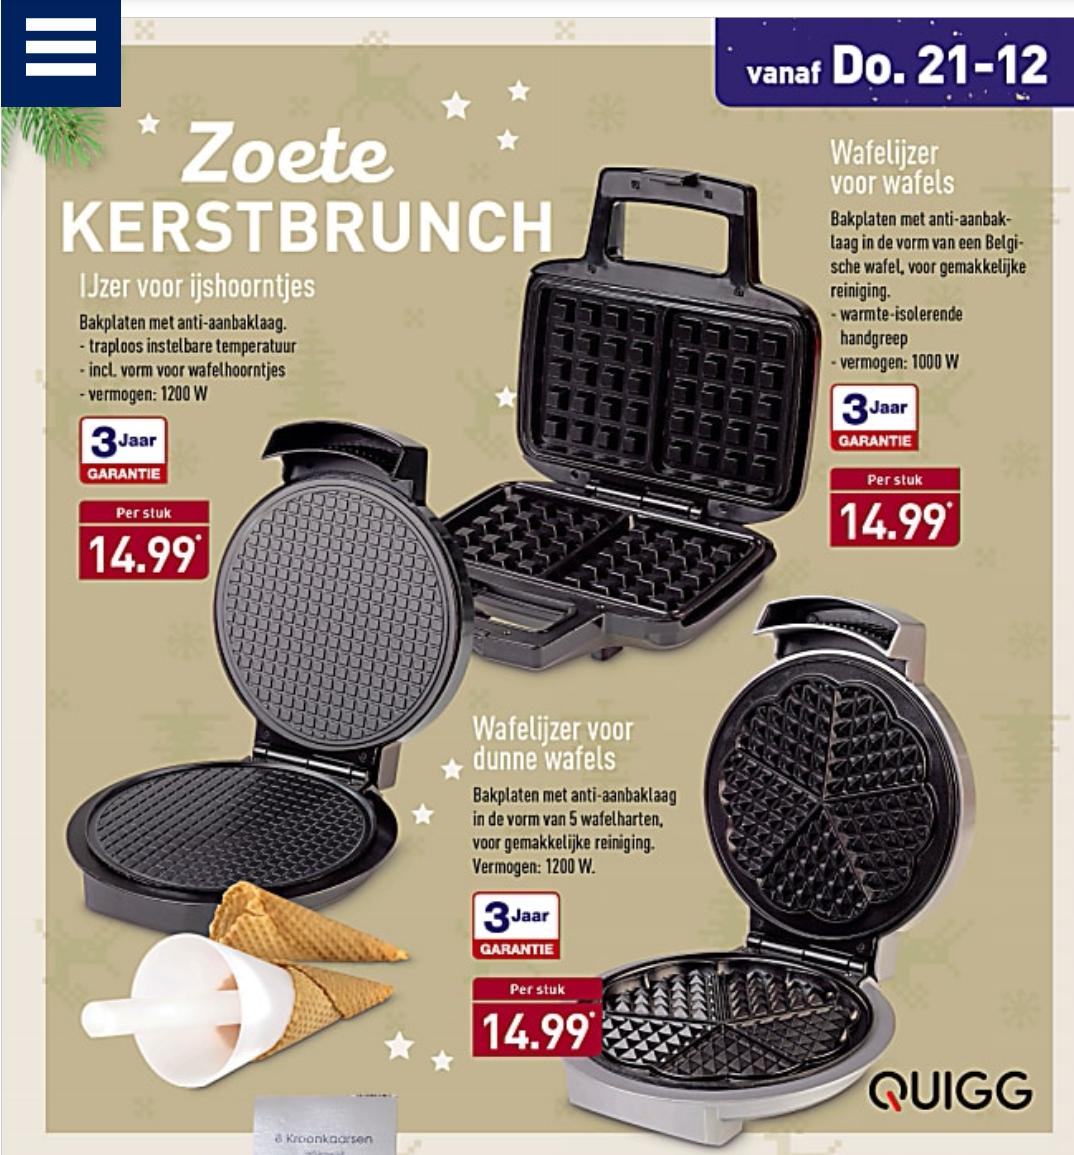 Aldi: verschillende soorten wafelijzers voor € 14,99 per stuk (vanaf 21-12).